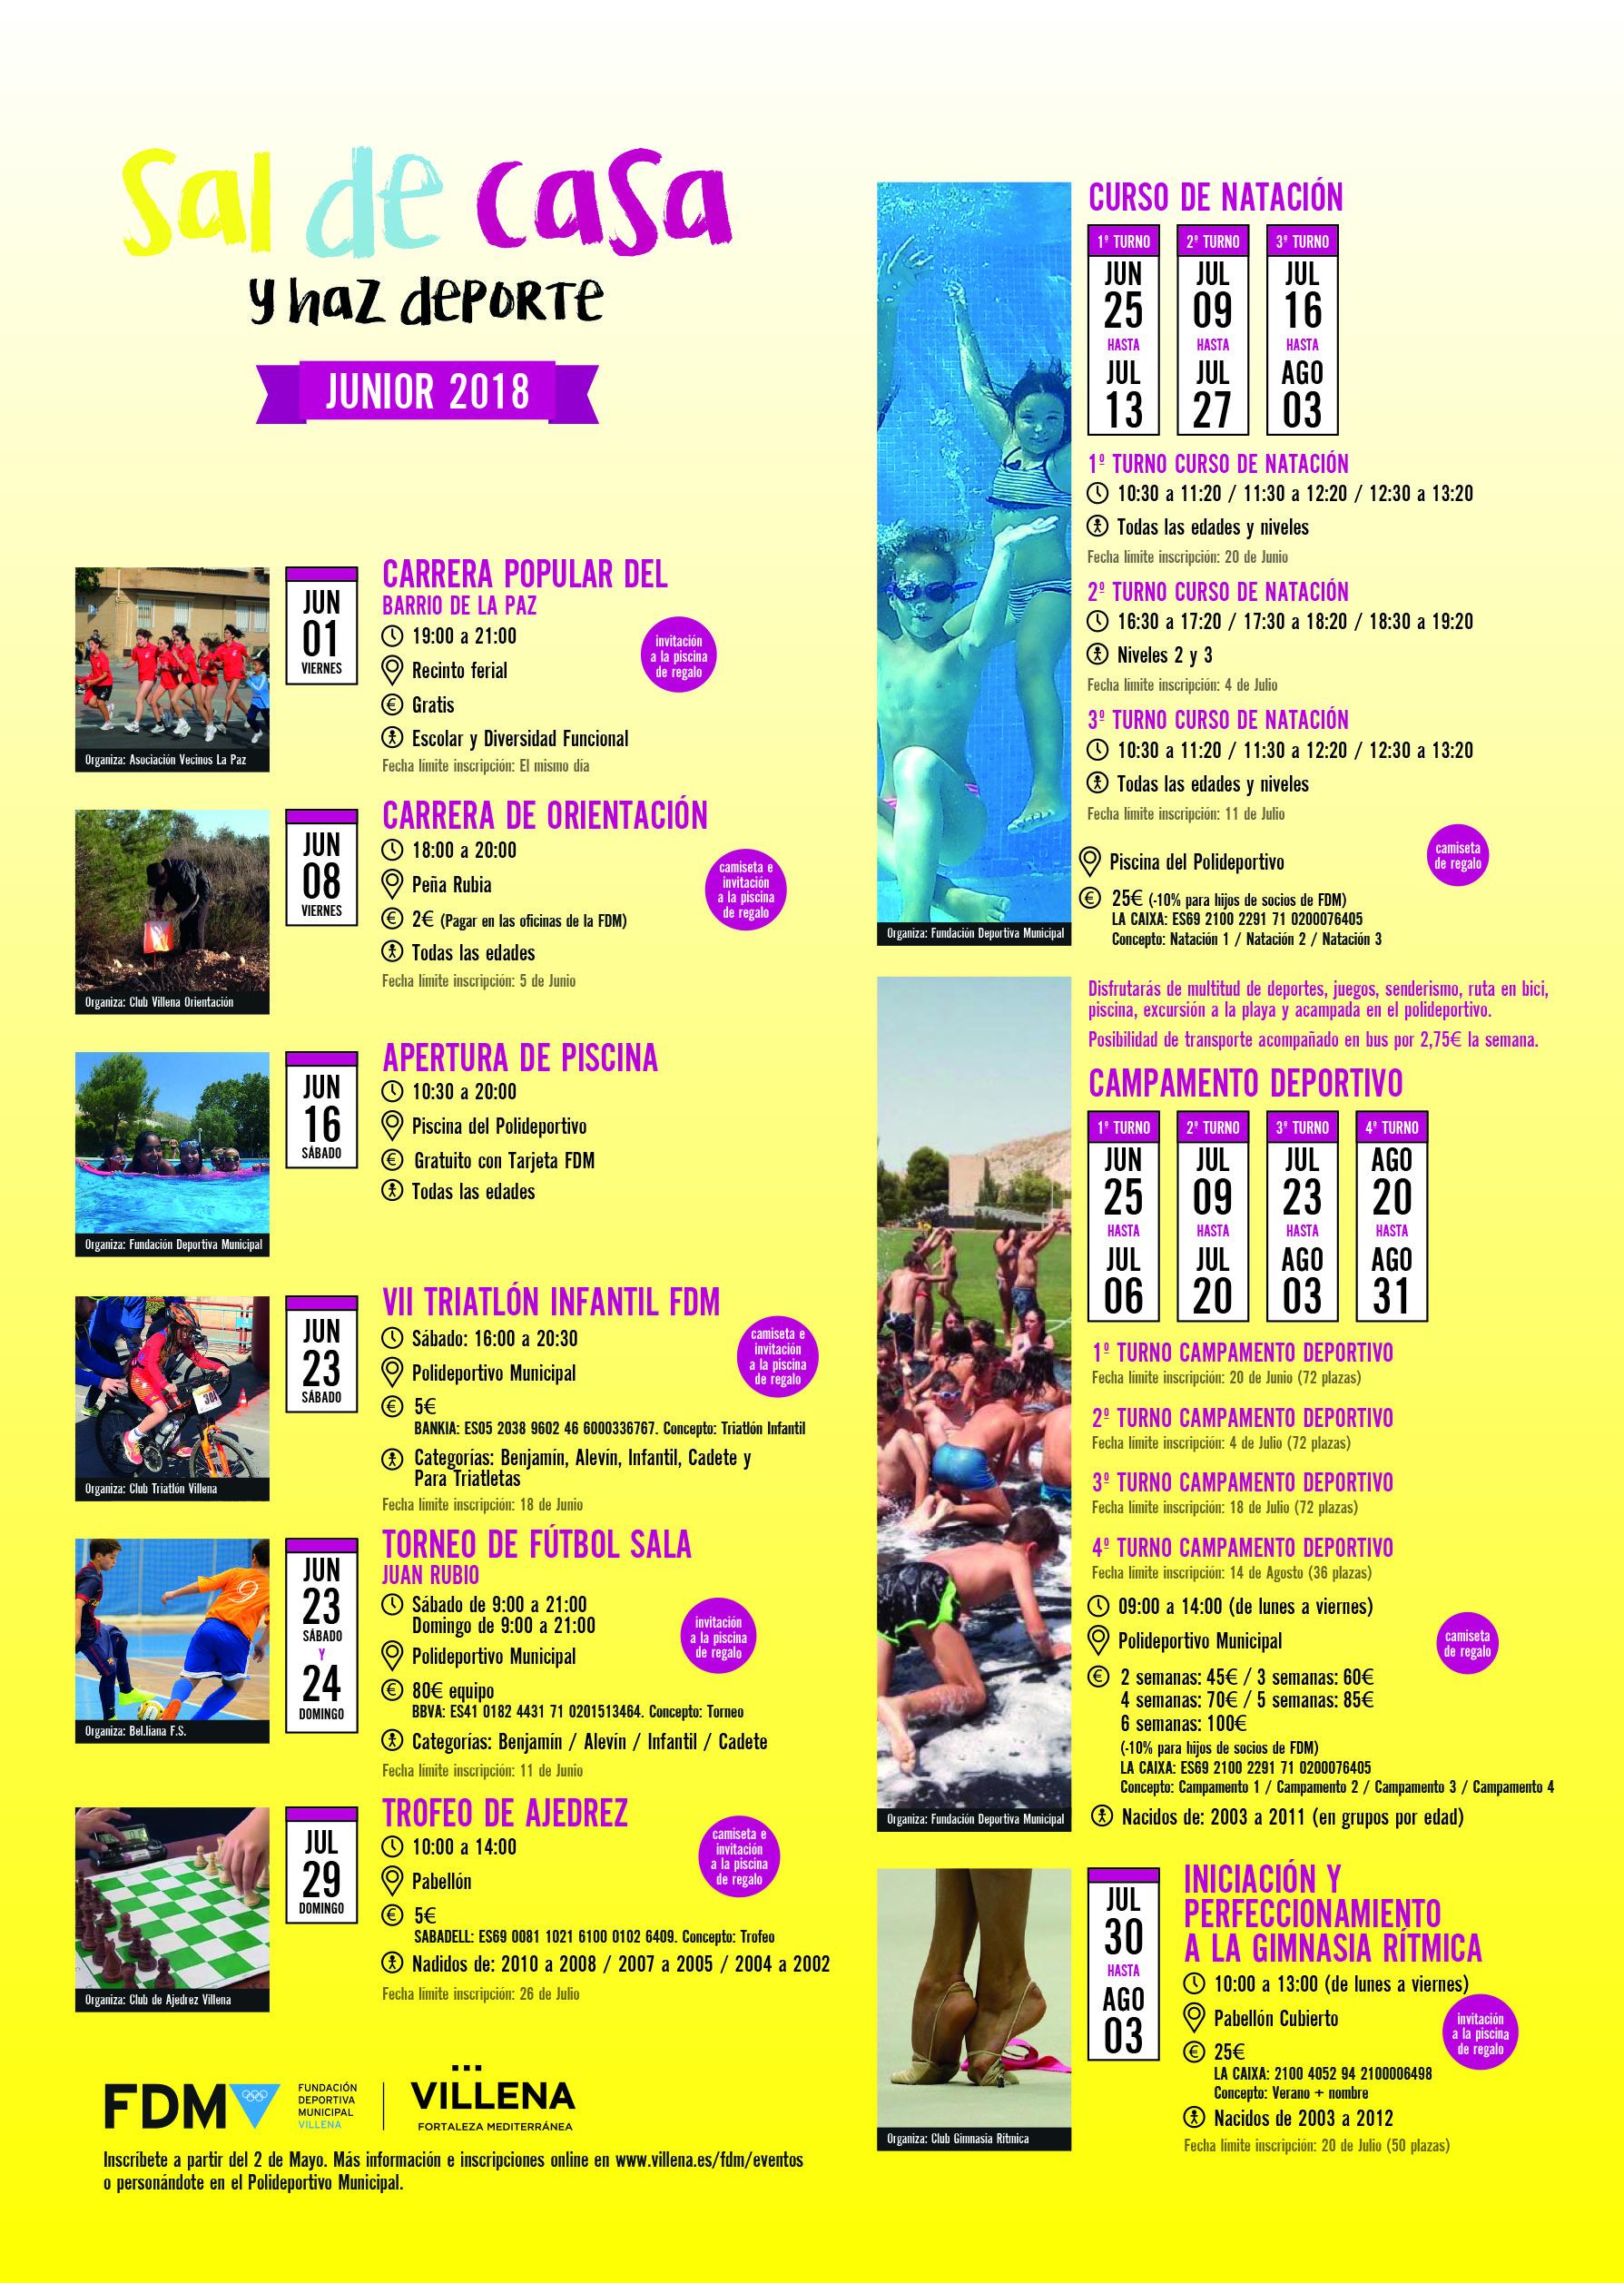 fdm gratuit 2012